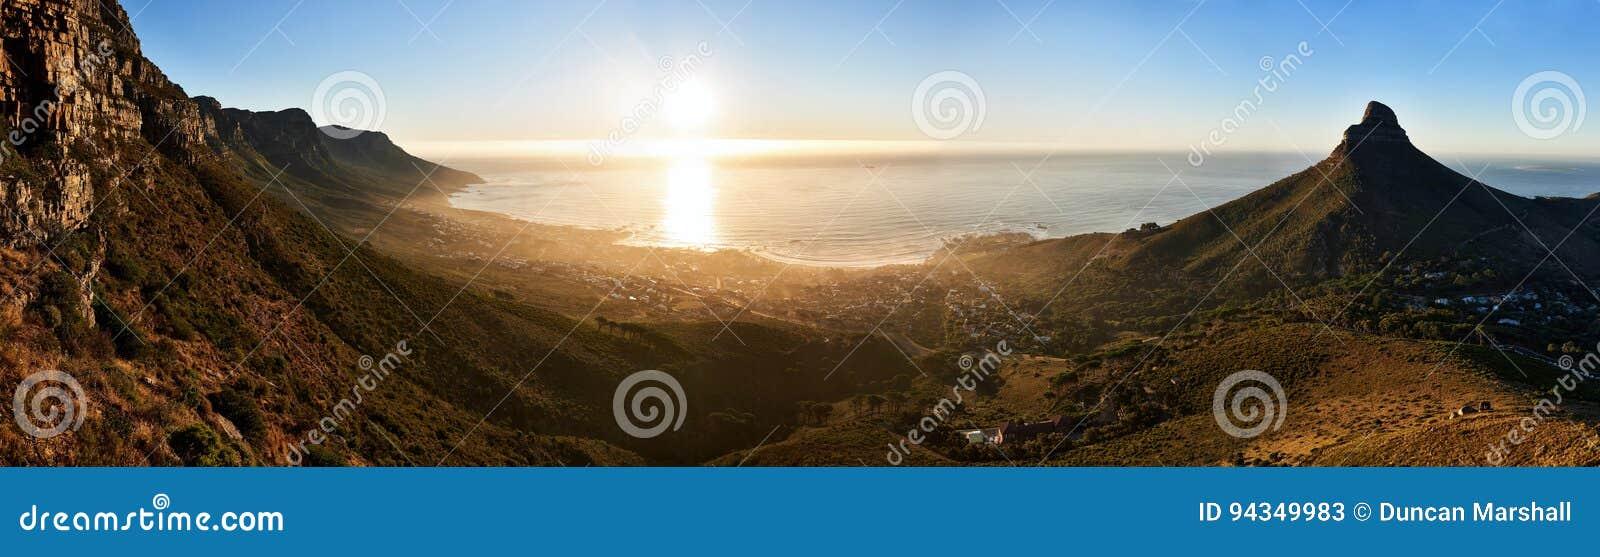 Πανοραμικό τοπίο του ωκεανού και των βουνών ηλιοβασιλέματος στο Καίηπ Τάουν